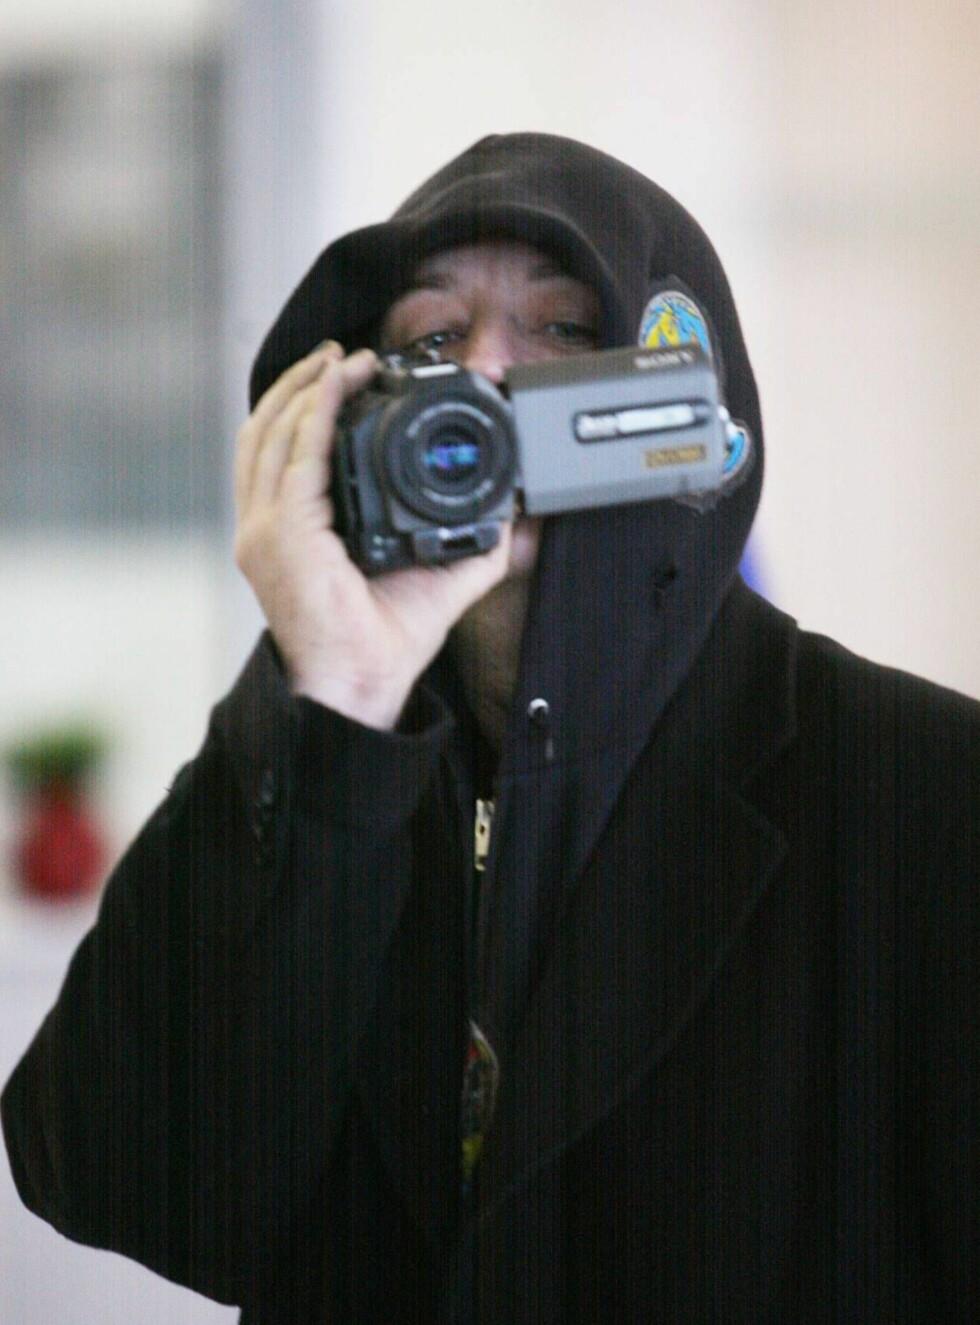 FILMET: Boy George foreviget hele pressekorpset i trass da han entret flyplassen i Paris ... Foto: STELLA PICTURES